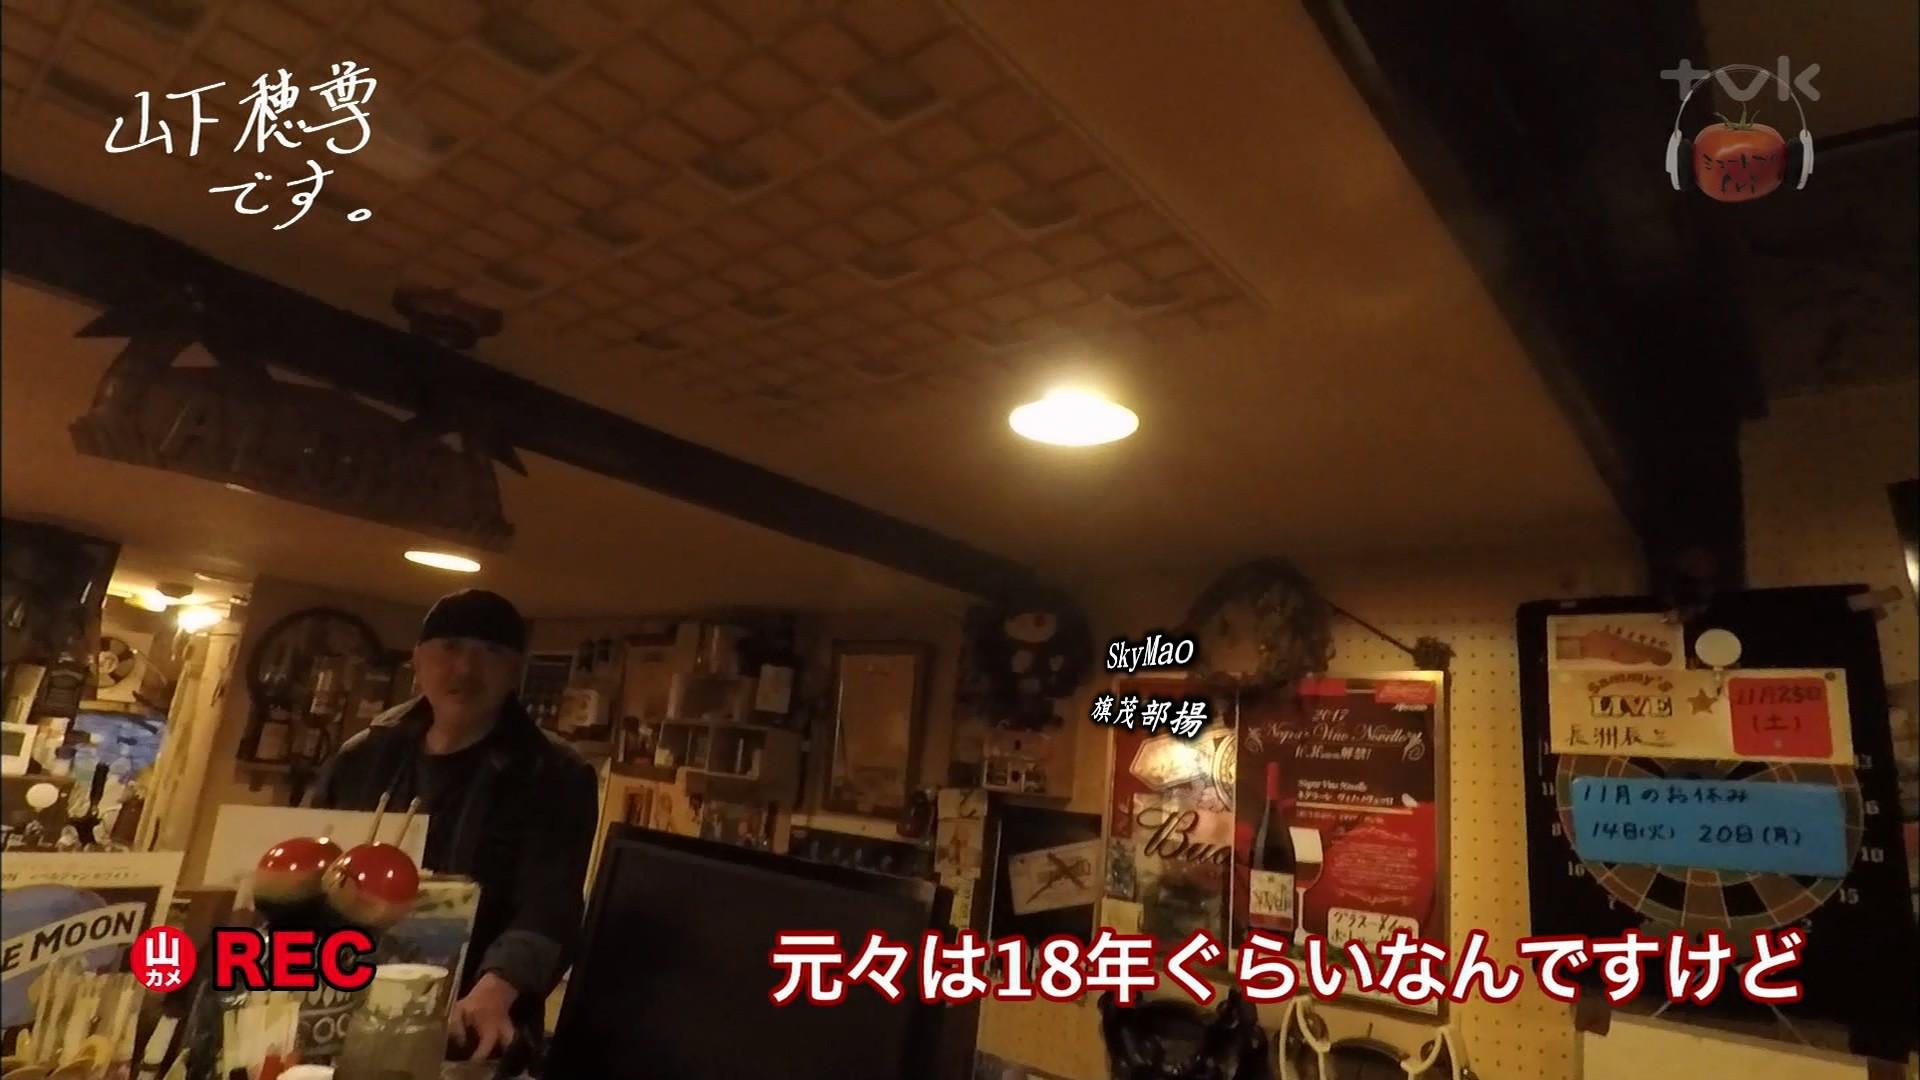 2017.12.15 全場(ミュートマ2).ts_20171216_013108.675